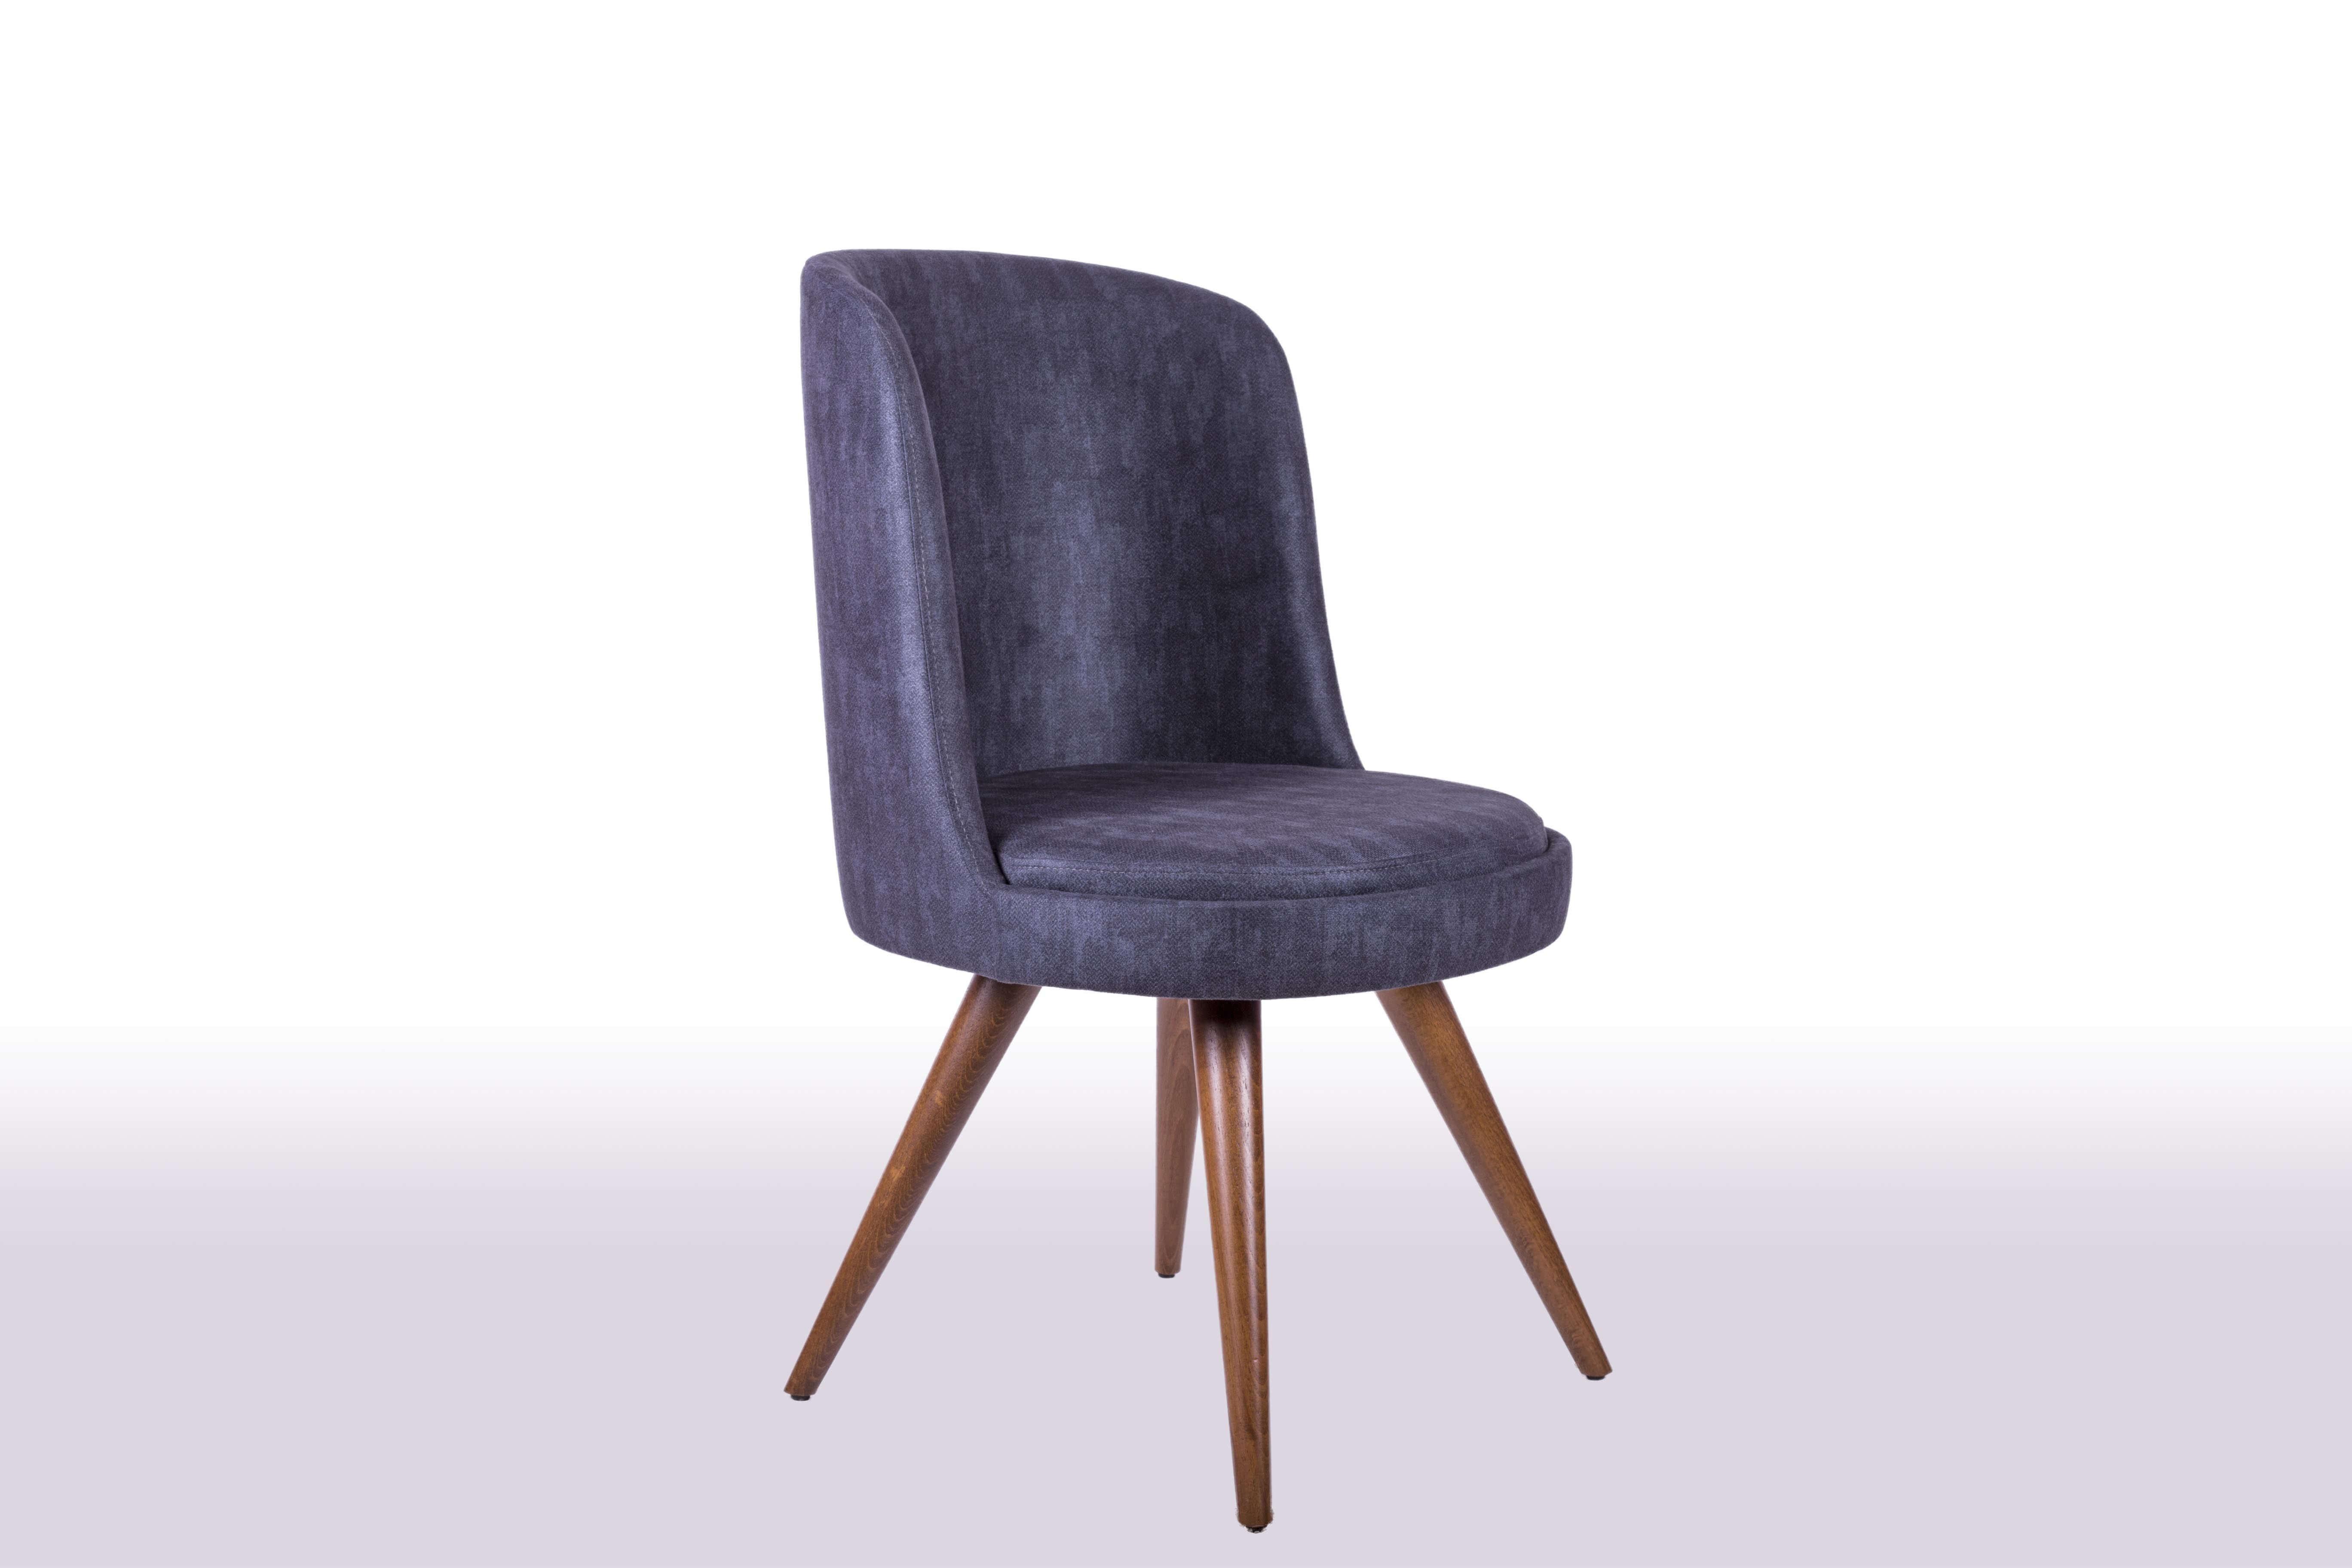 Beta Sandalye Modeli Çapraz Görünüm